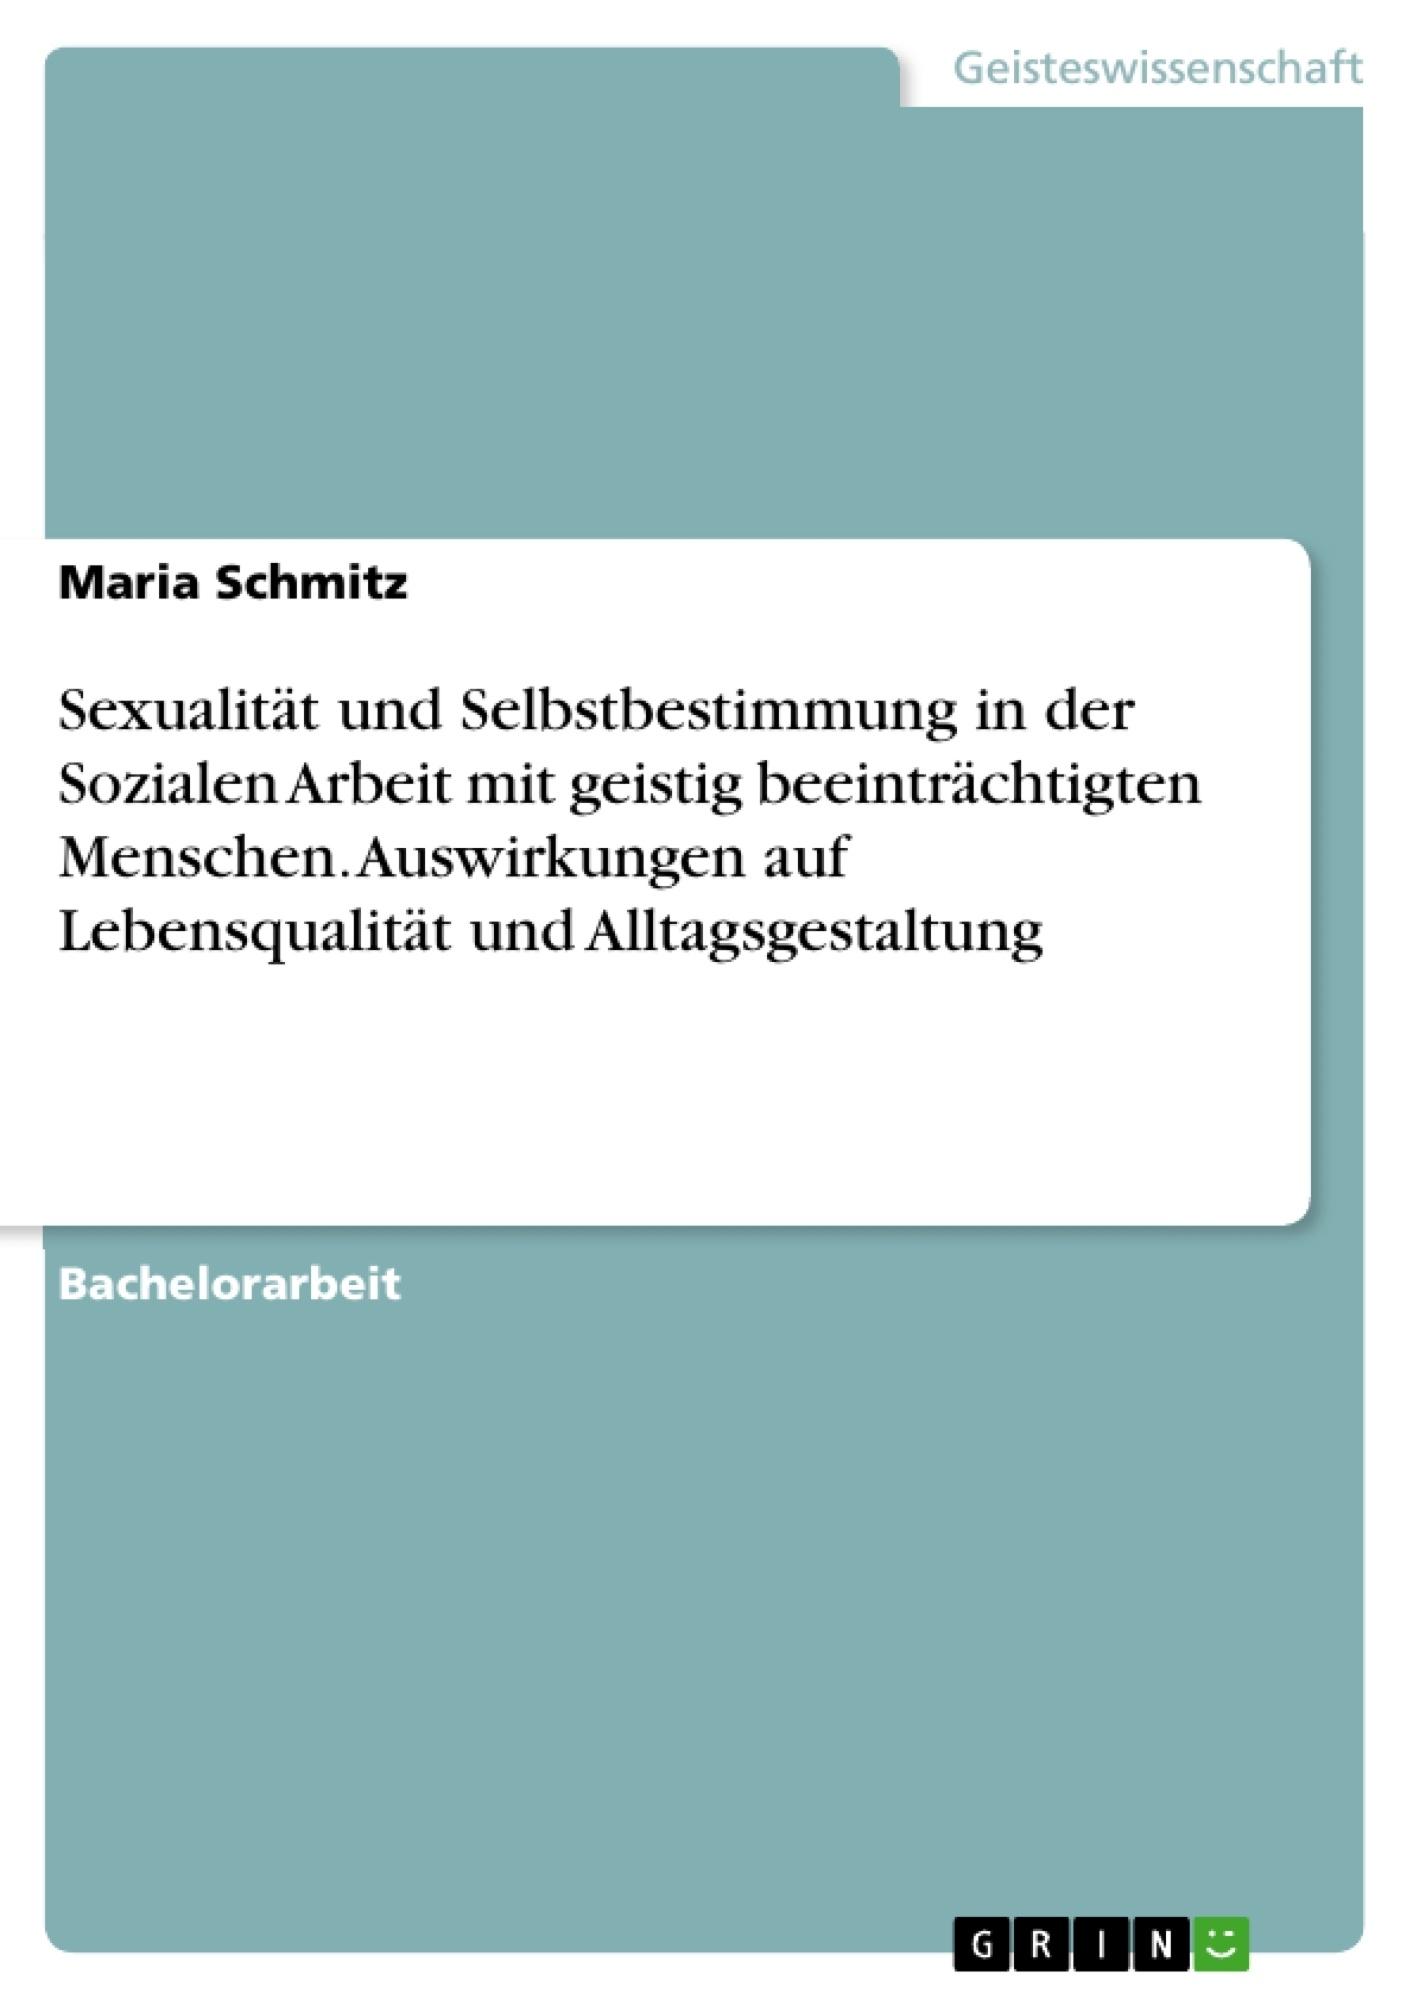 Titel: Sexualität und Selbstbestimmung in der Sozialen Arbeit mit geistig beeinträchtigten Menschen. Auswirkungen auf Lebensqualität und Alltagsgestaltung